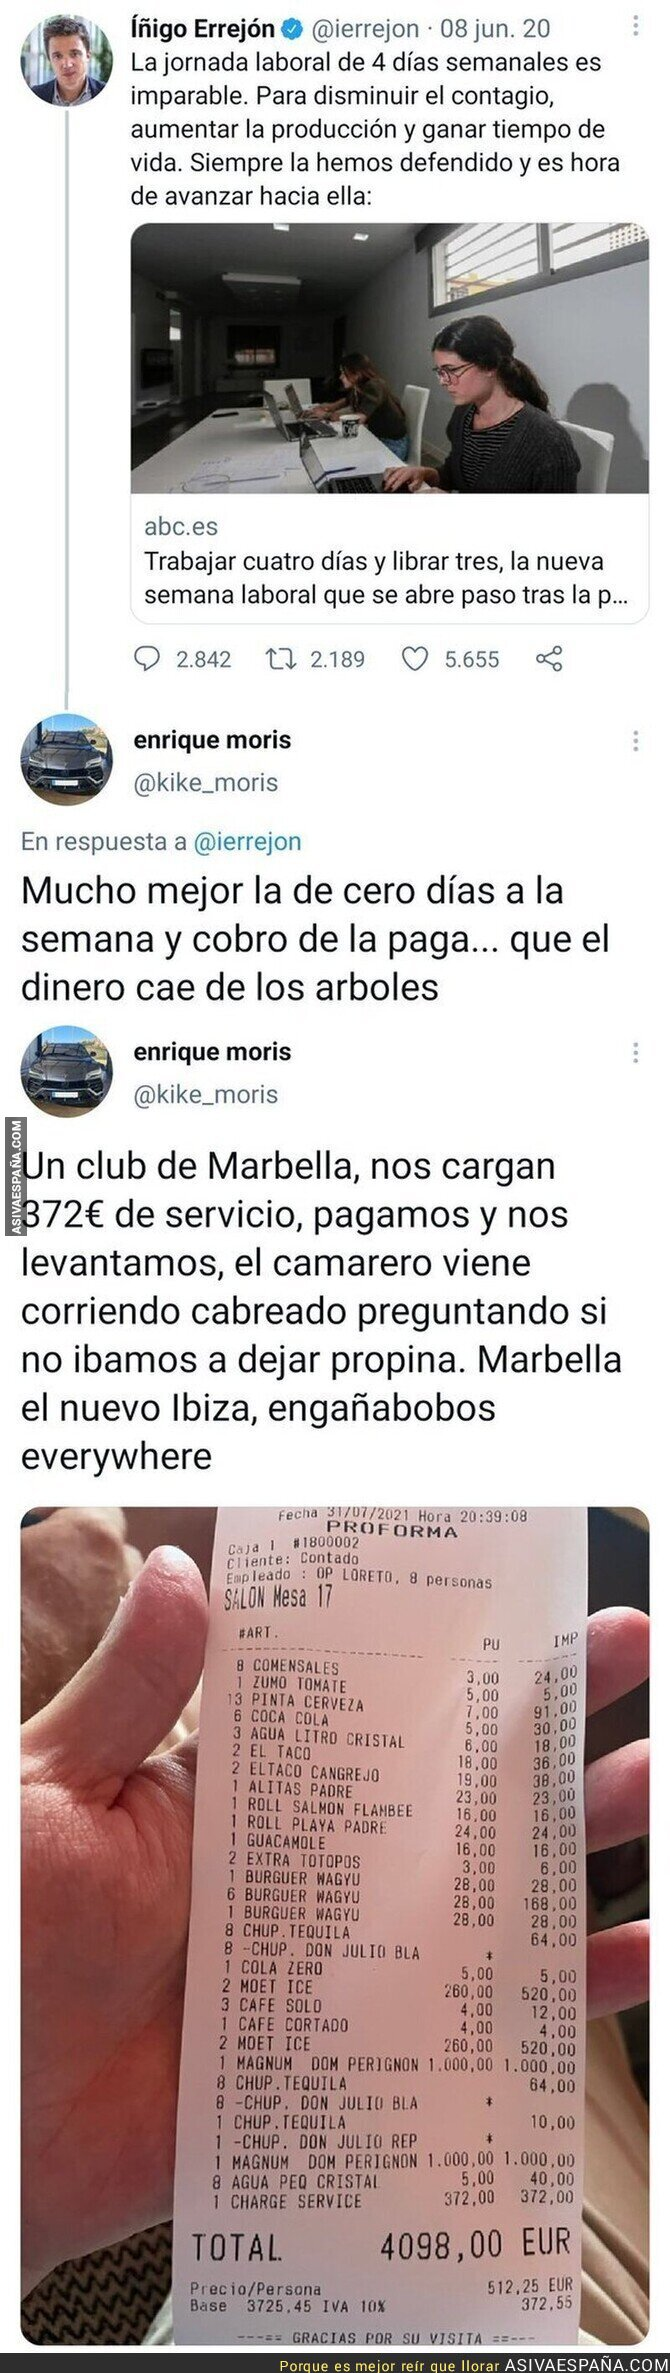 860082 - La persona que subió un ticket de 4000€ de un bar de Marbella tiene un tuit del pasado que le ha dejado totalmente retratado